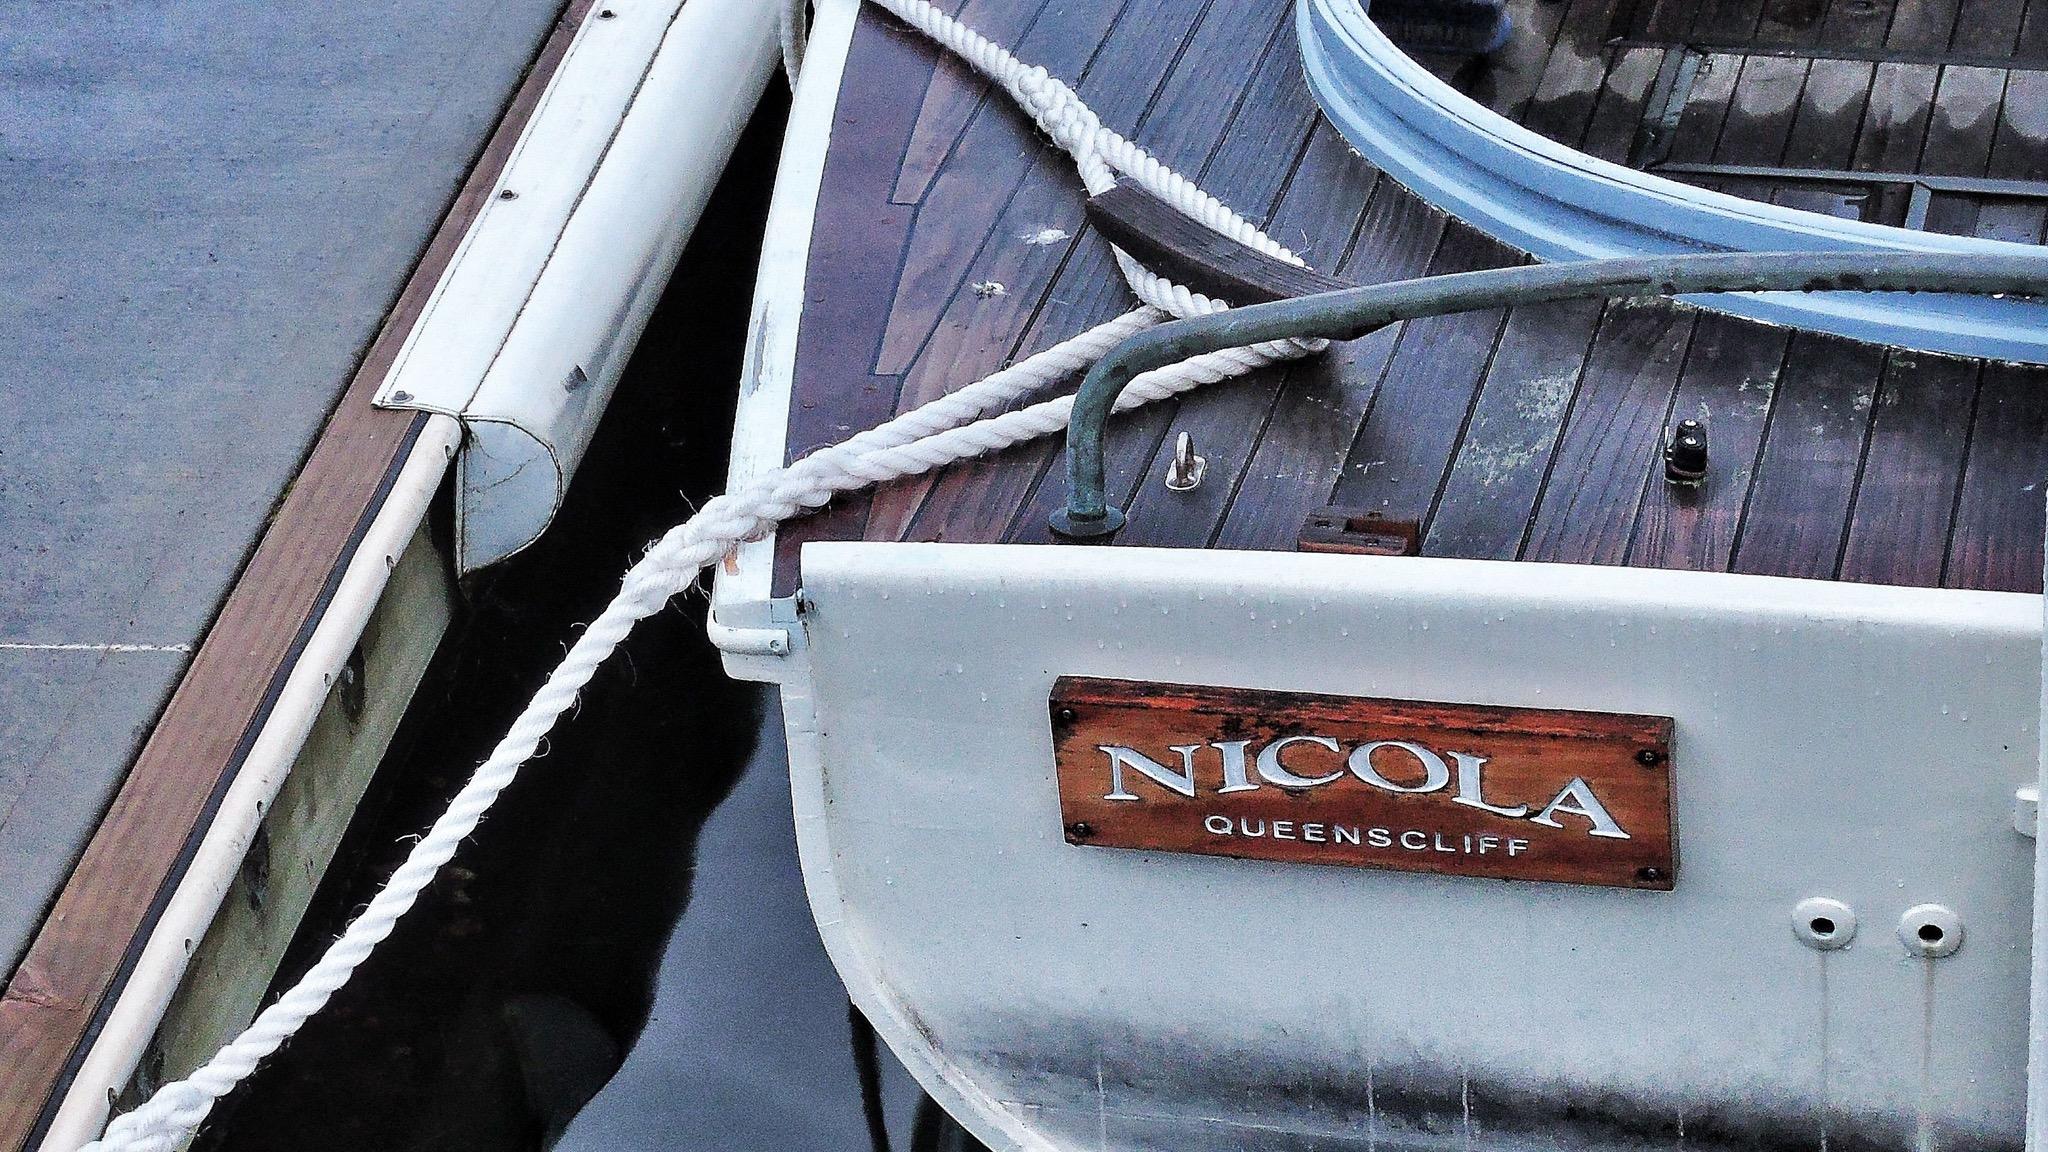 Tales of Queenscliff Harbour